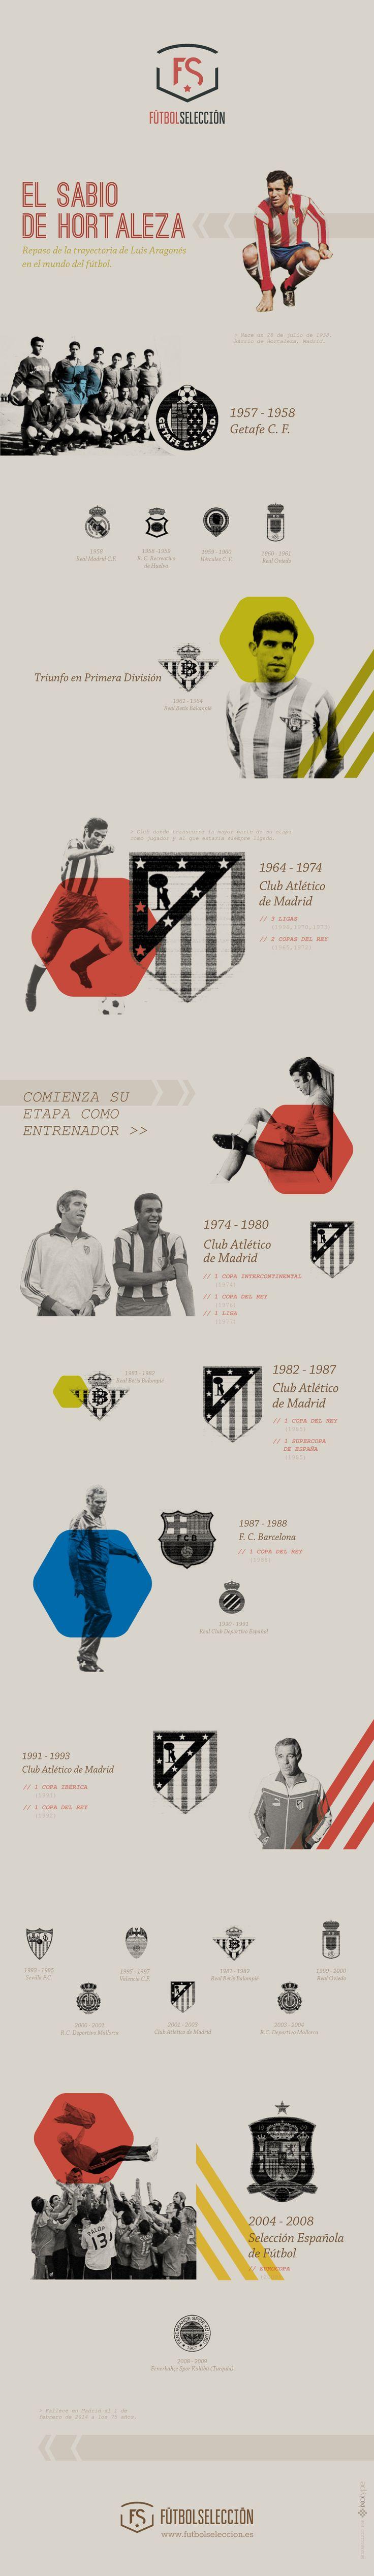 Luis Aragonés, excelente futbolista, entrenador y seleccionador.